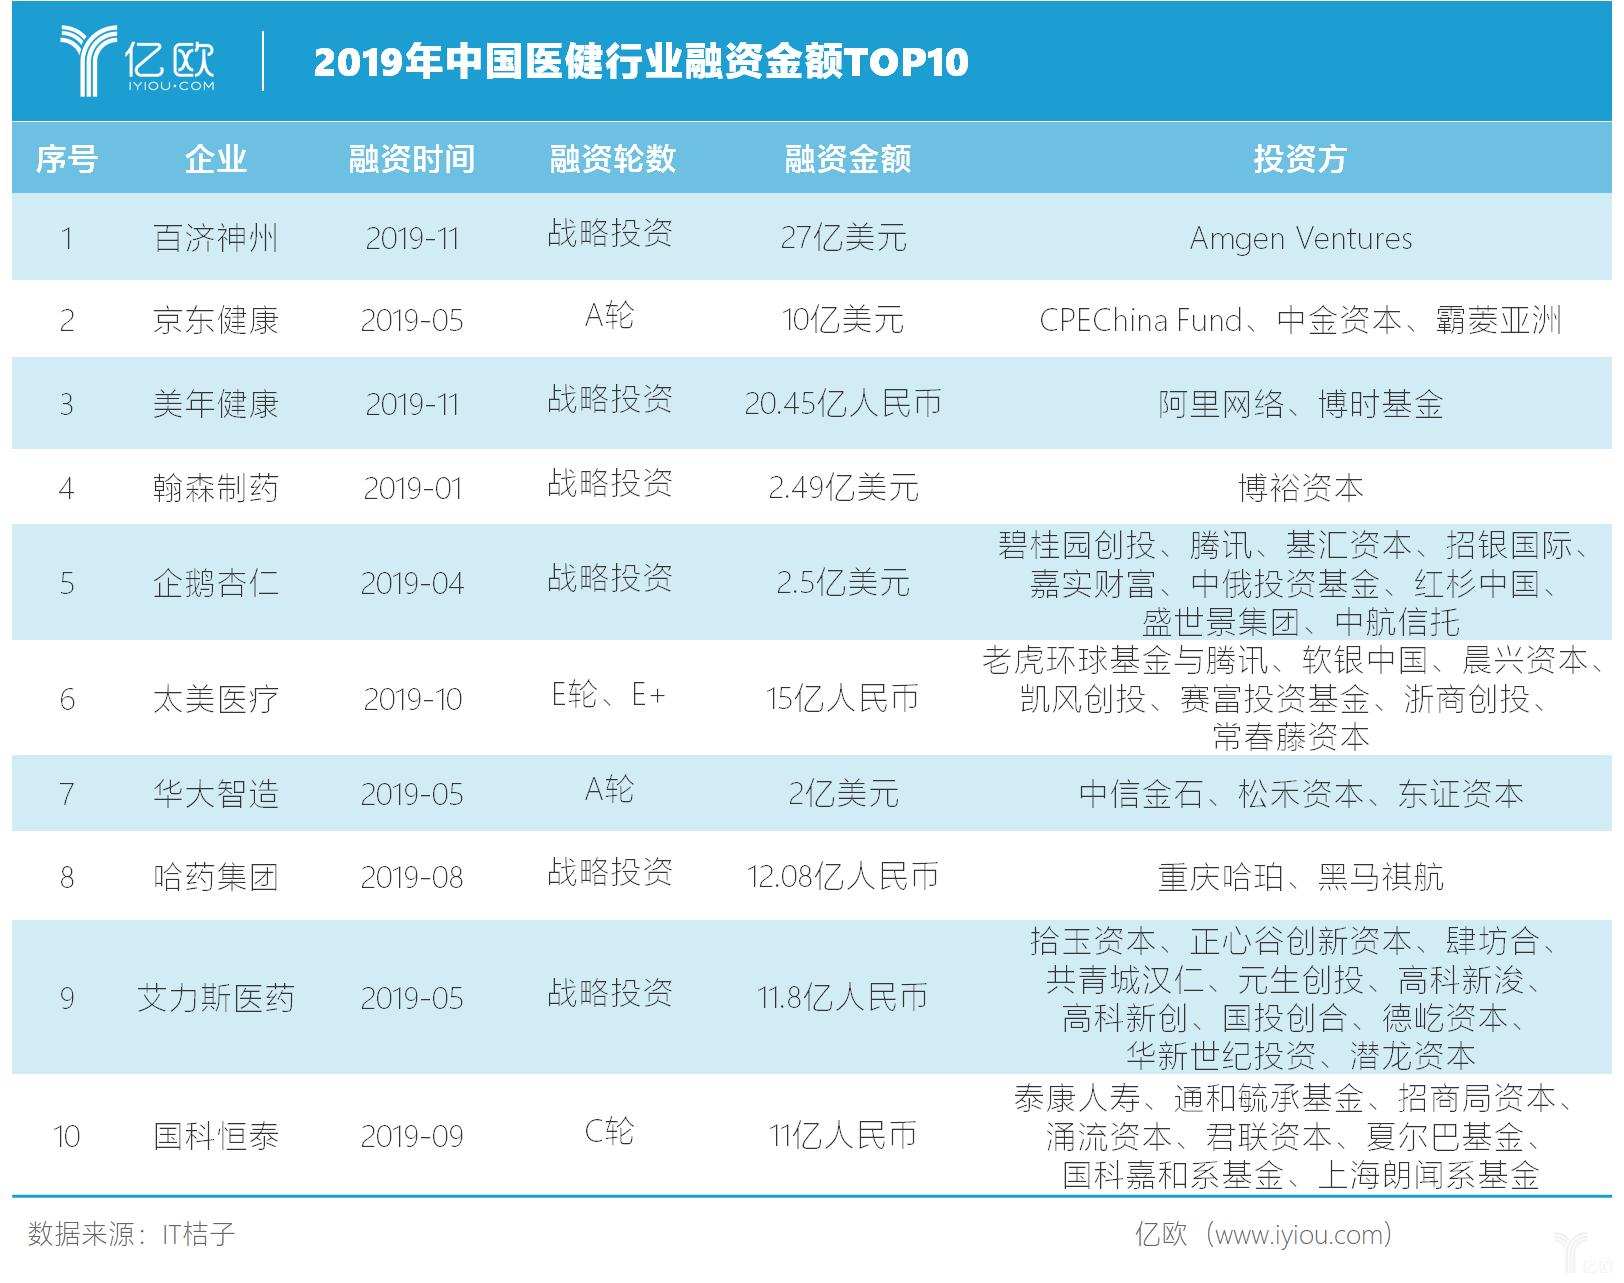 2019年中国医健行业融资金额TOP10.png